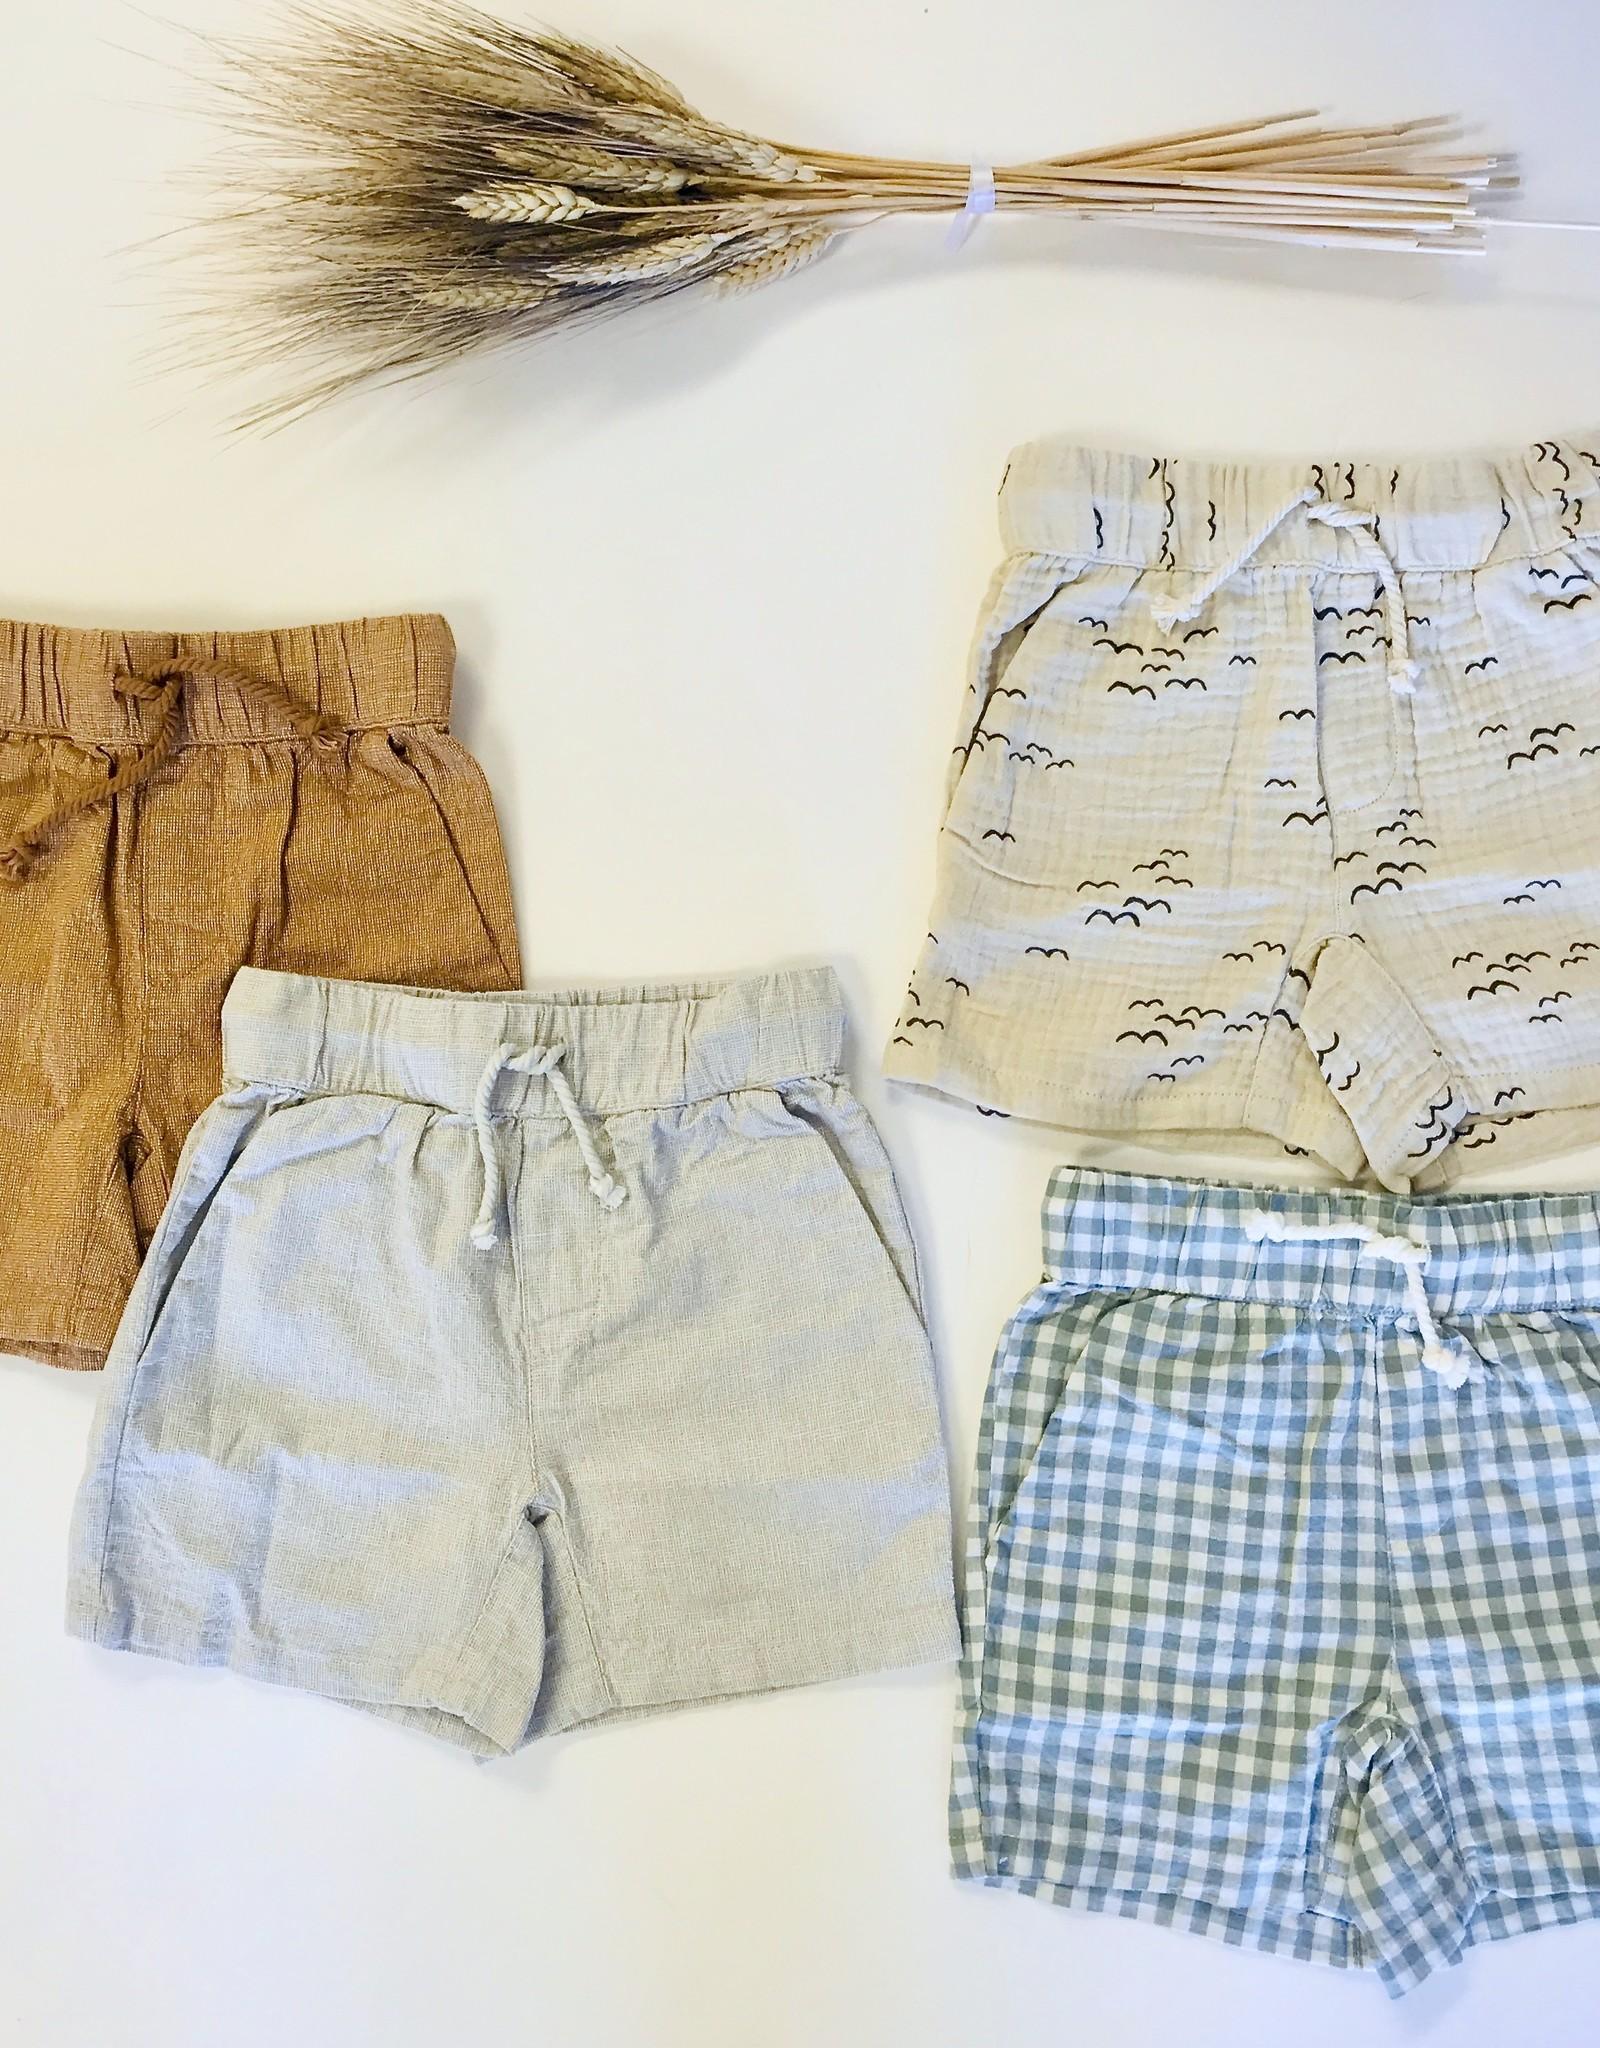 Rylee + Cru Boys Cotton Short 2/3-6/7y